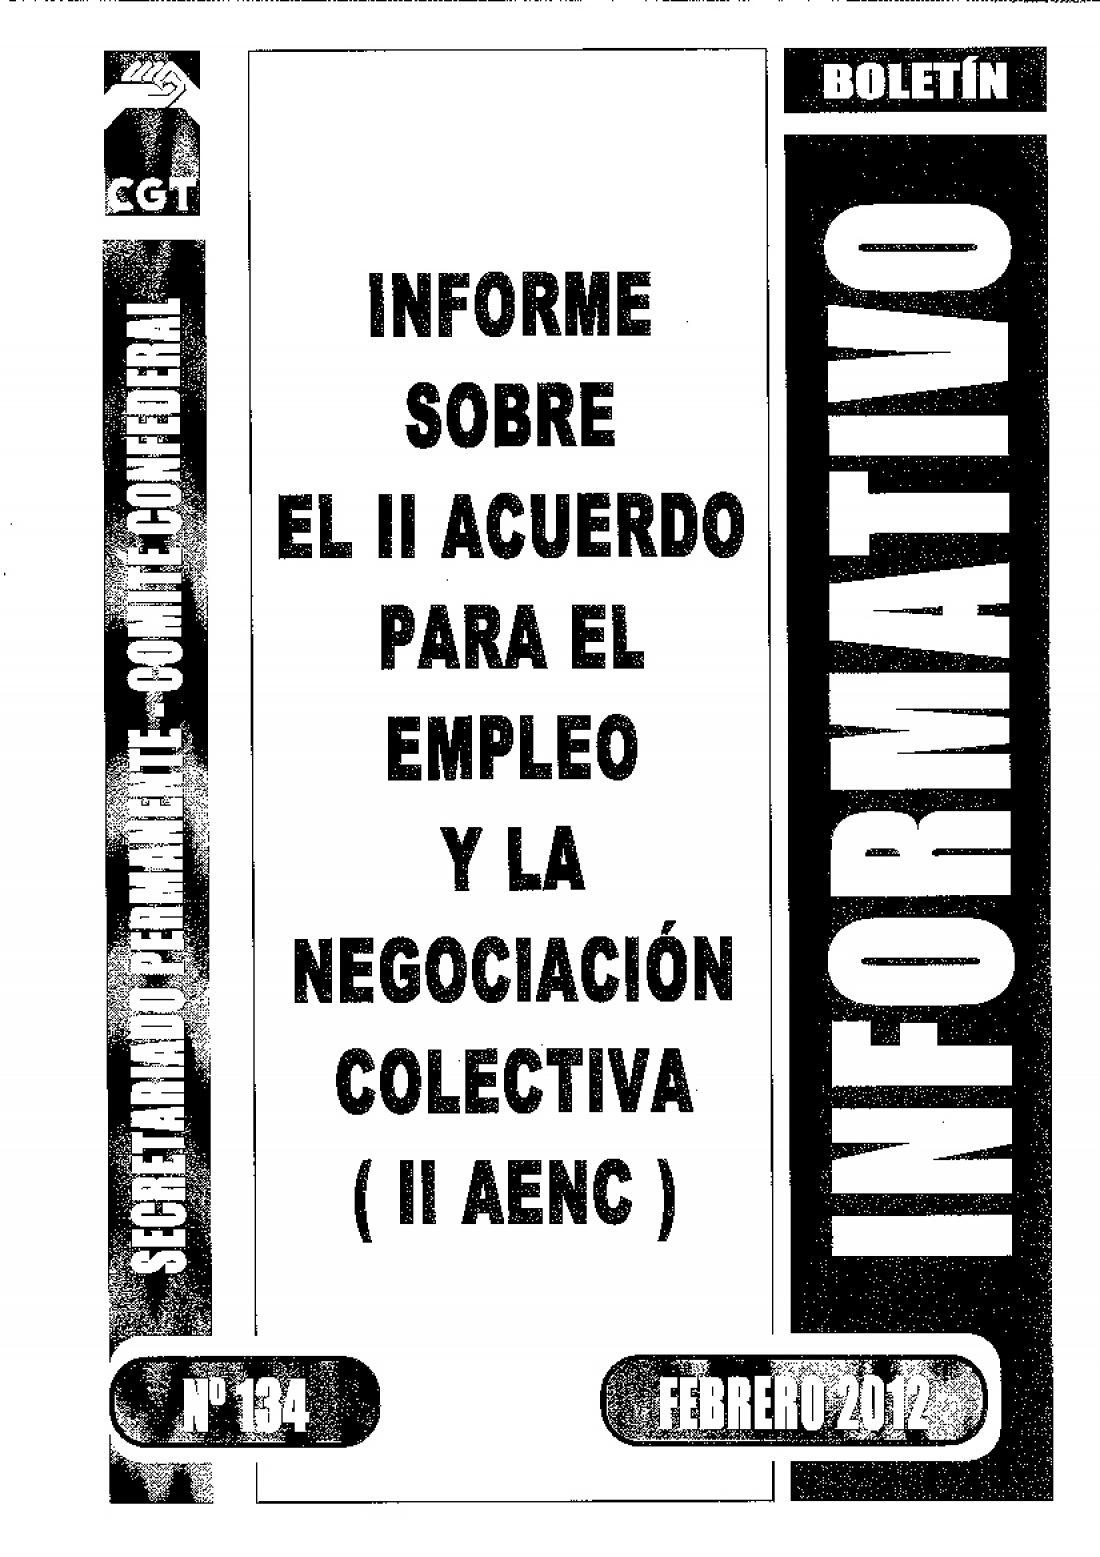 134. II Acuerdo para el Empleo y la Negociación Colectiva